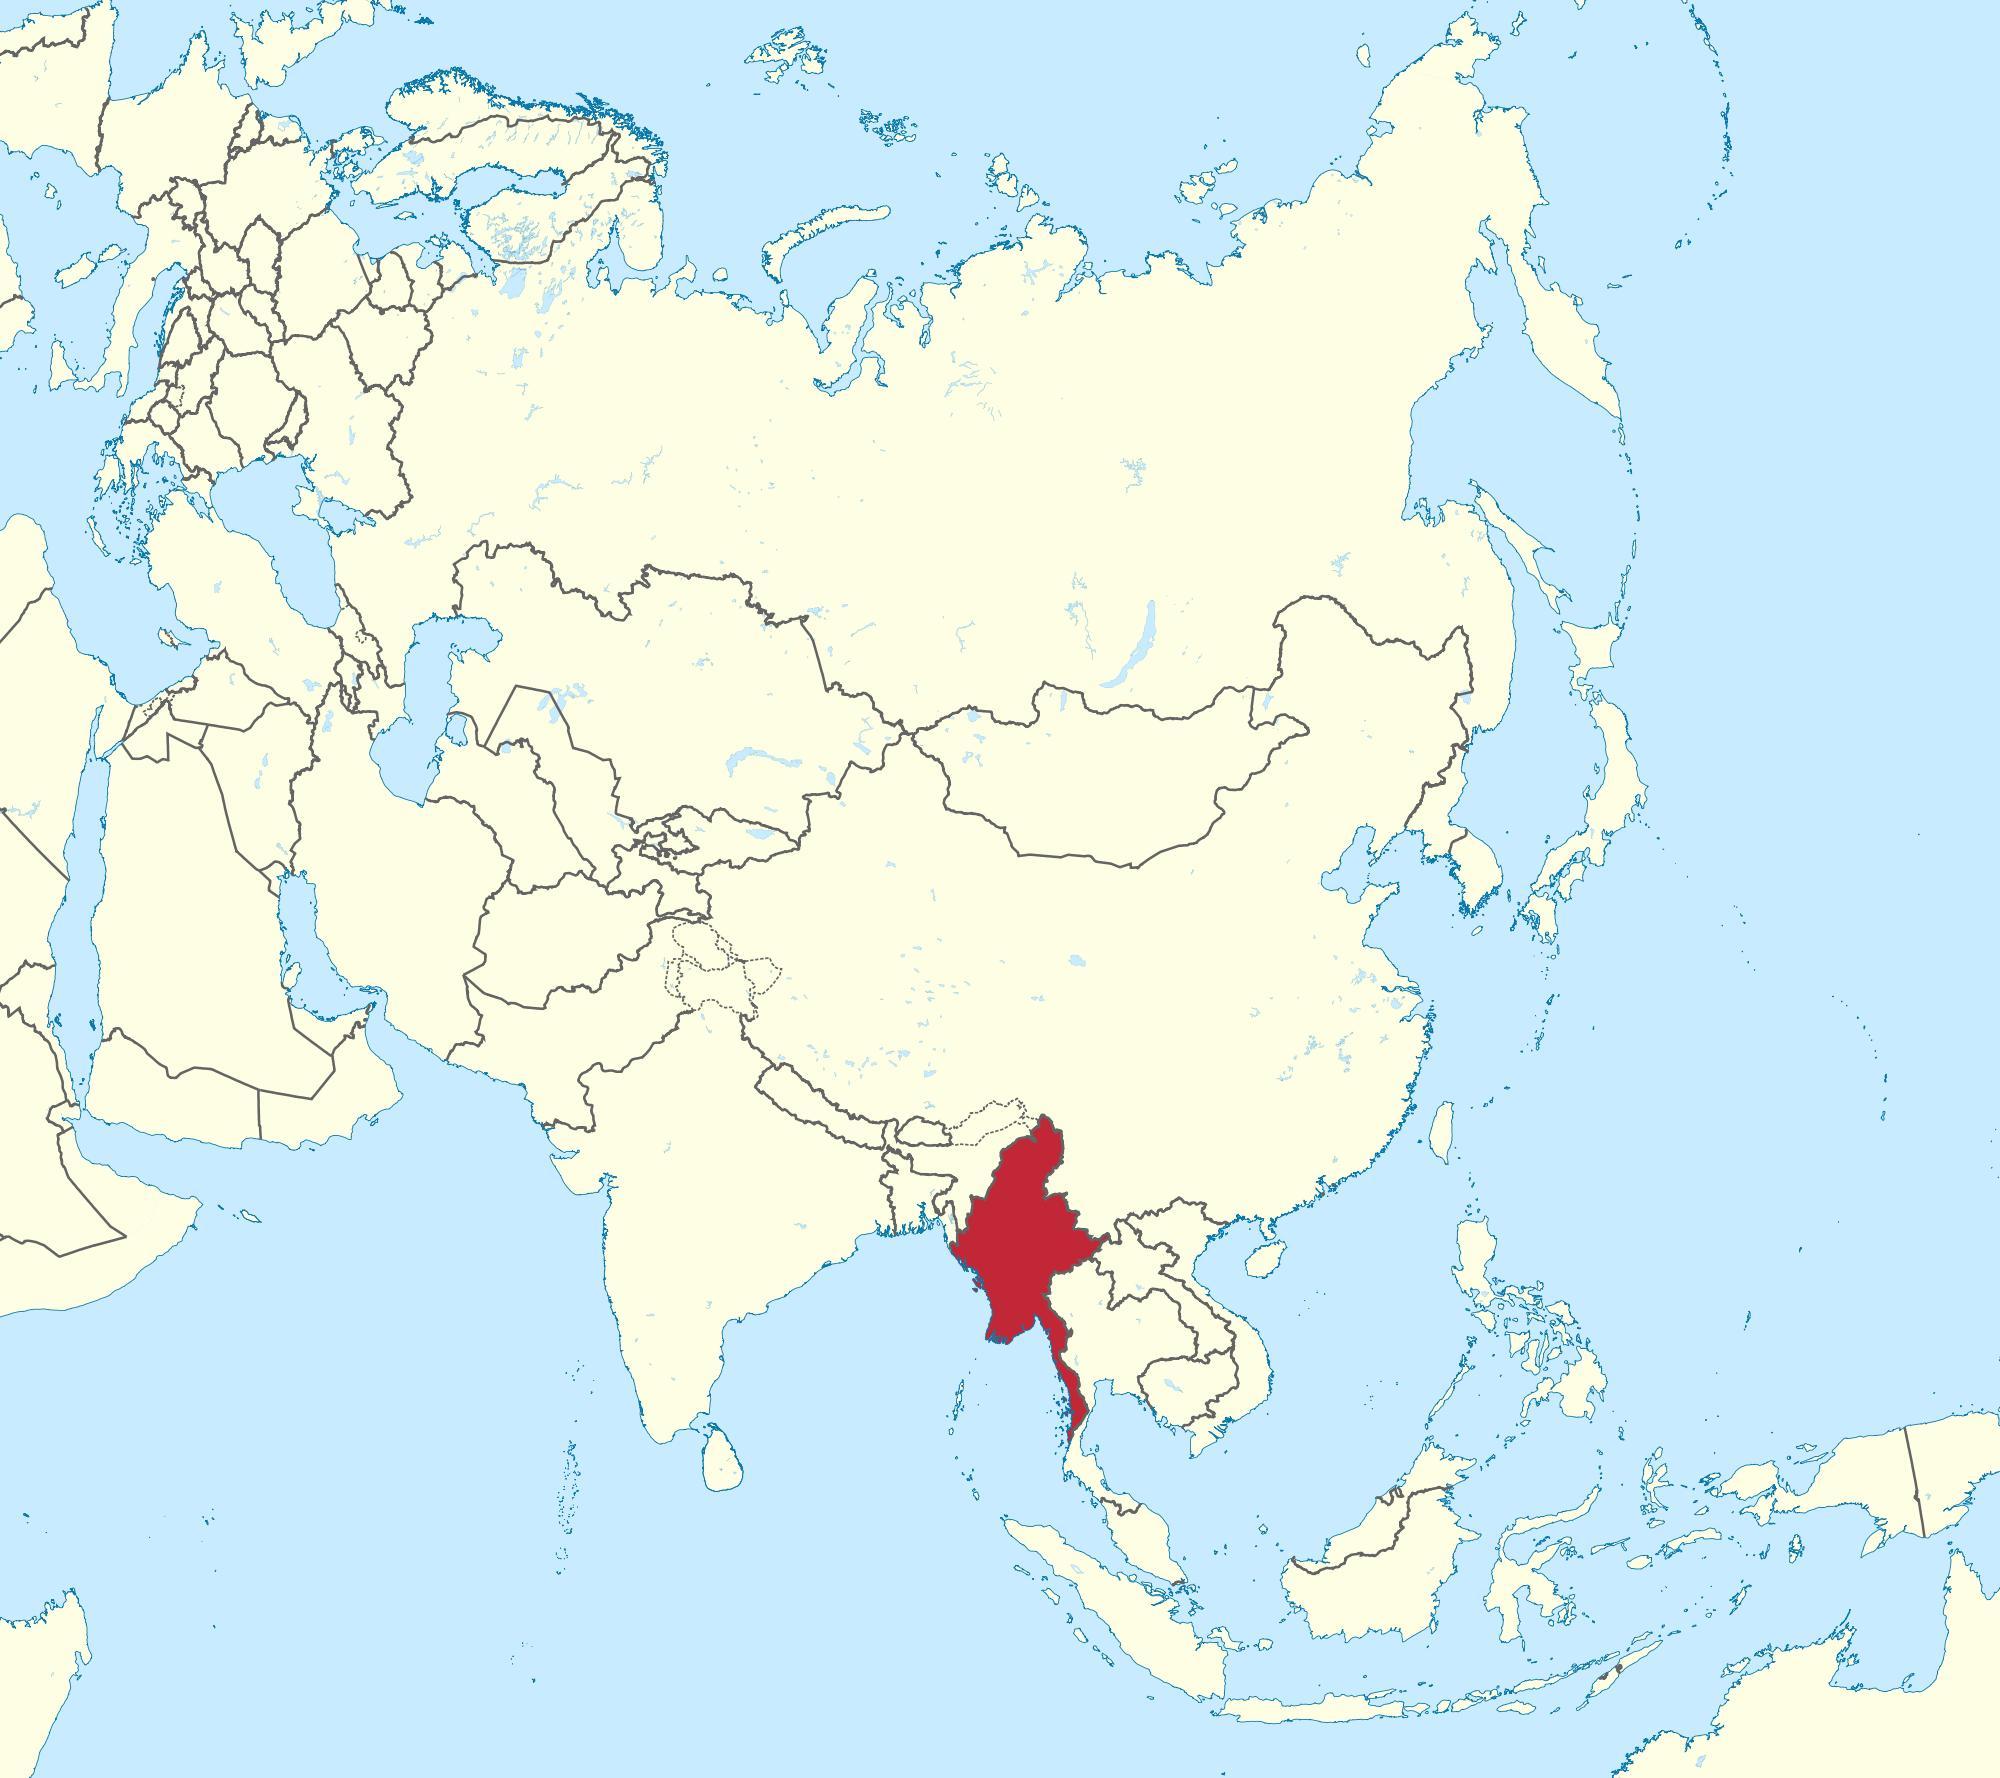 Nouvel La birmanie dans la carte du monde la carte du Monde du Myanmar PY-42